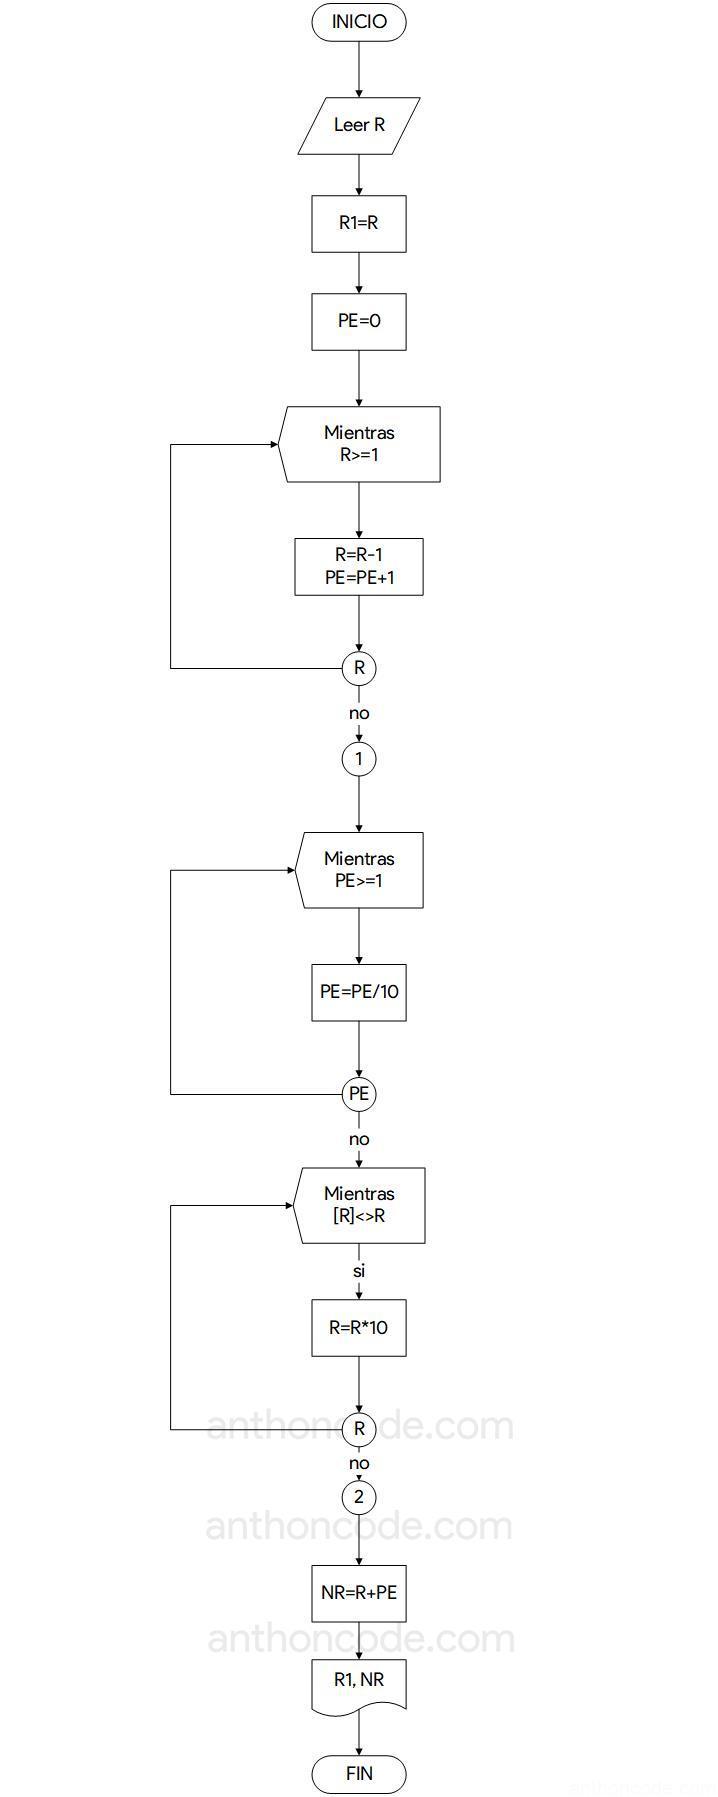 diagrama de flujo intercambiar la parte entera con la parte decimal,